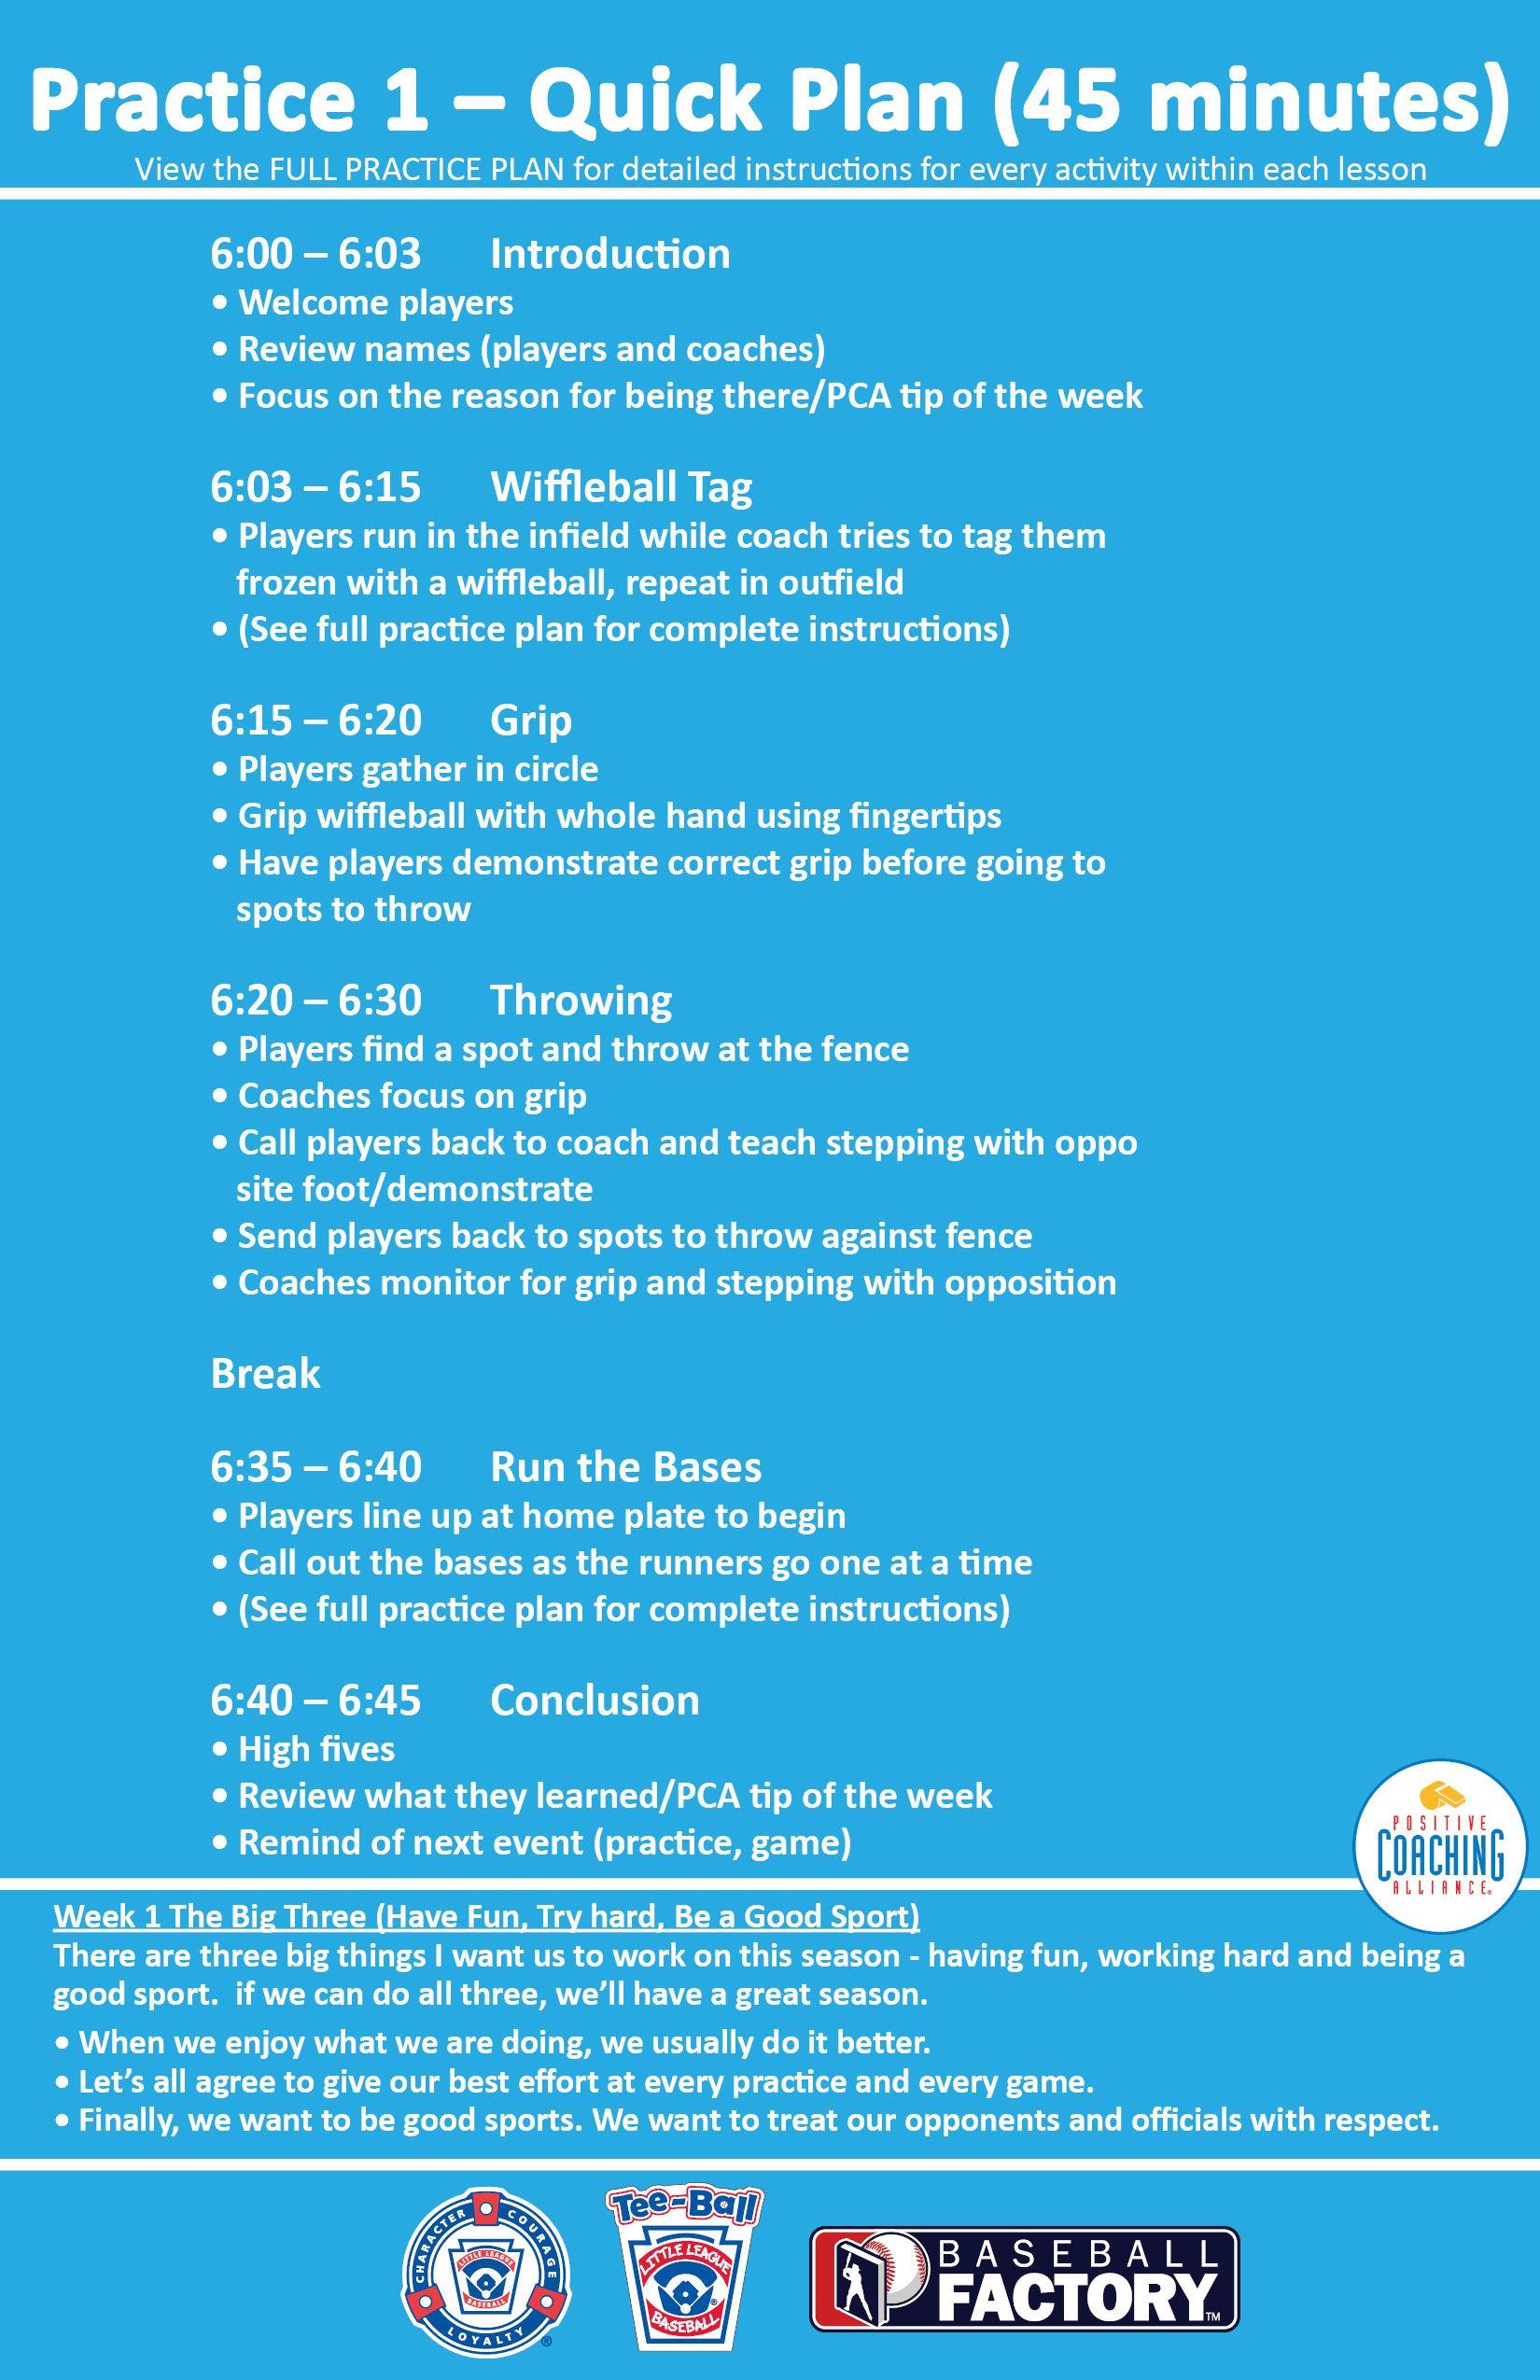 Week 1 Practice 1 Quick Plan 45 Minutes Littleleaguecoach